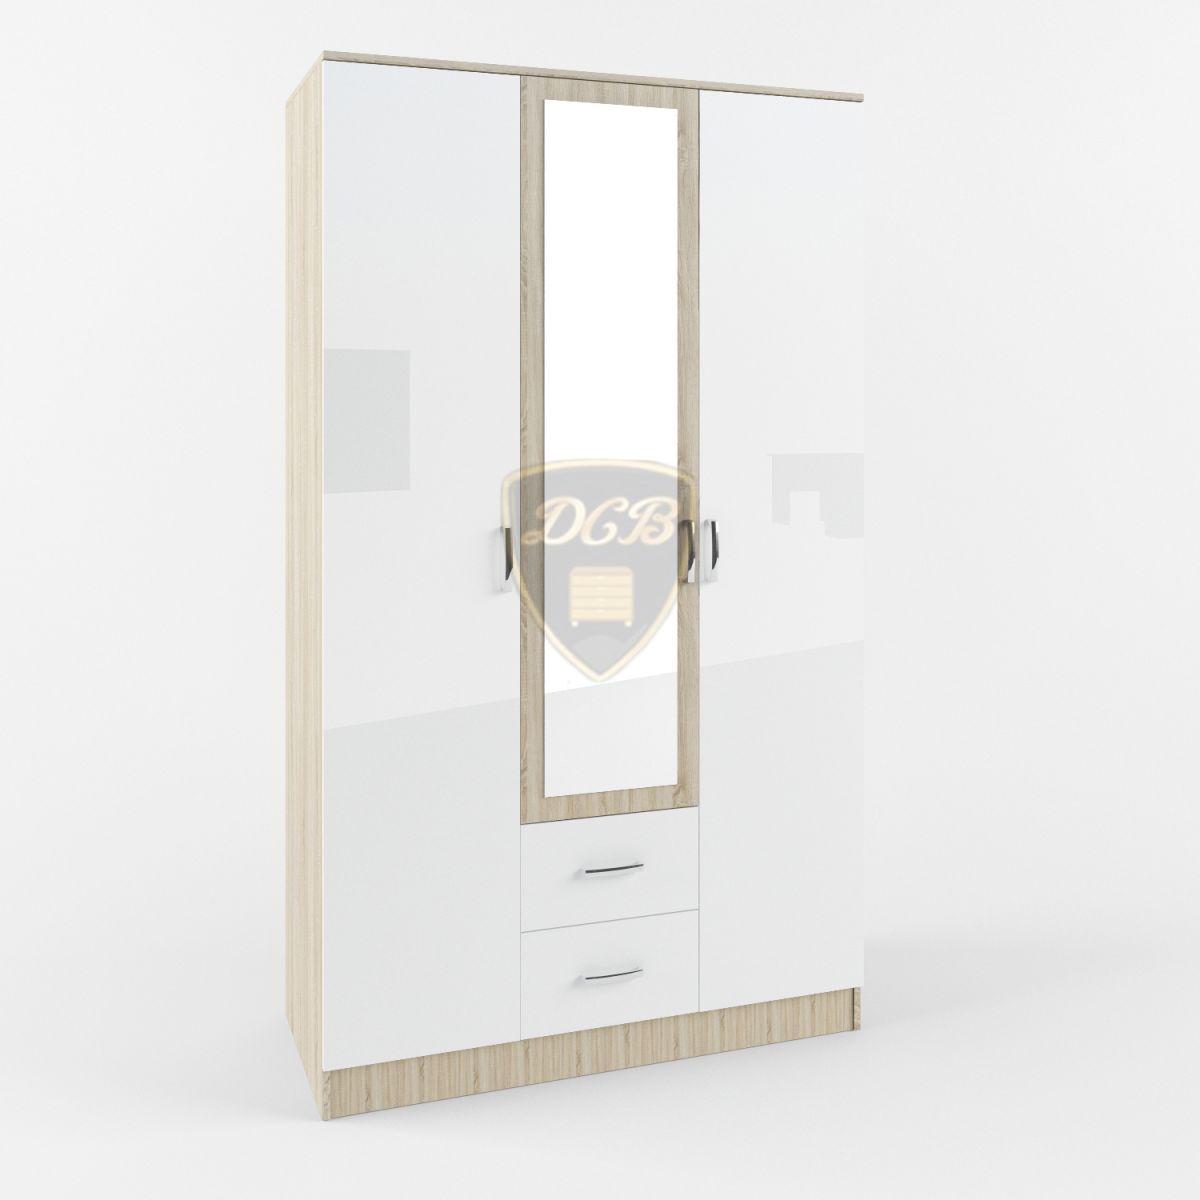 Шкаф трехстворчатый Софи СШК 1200.1